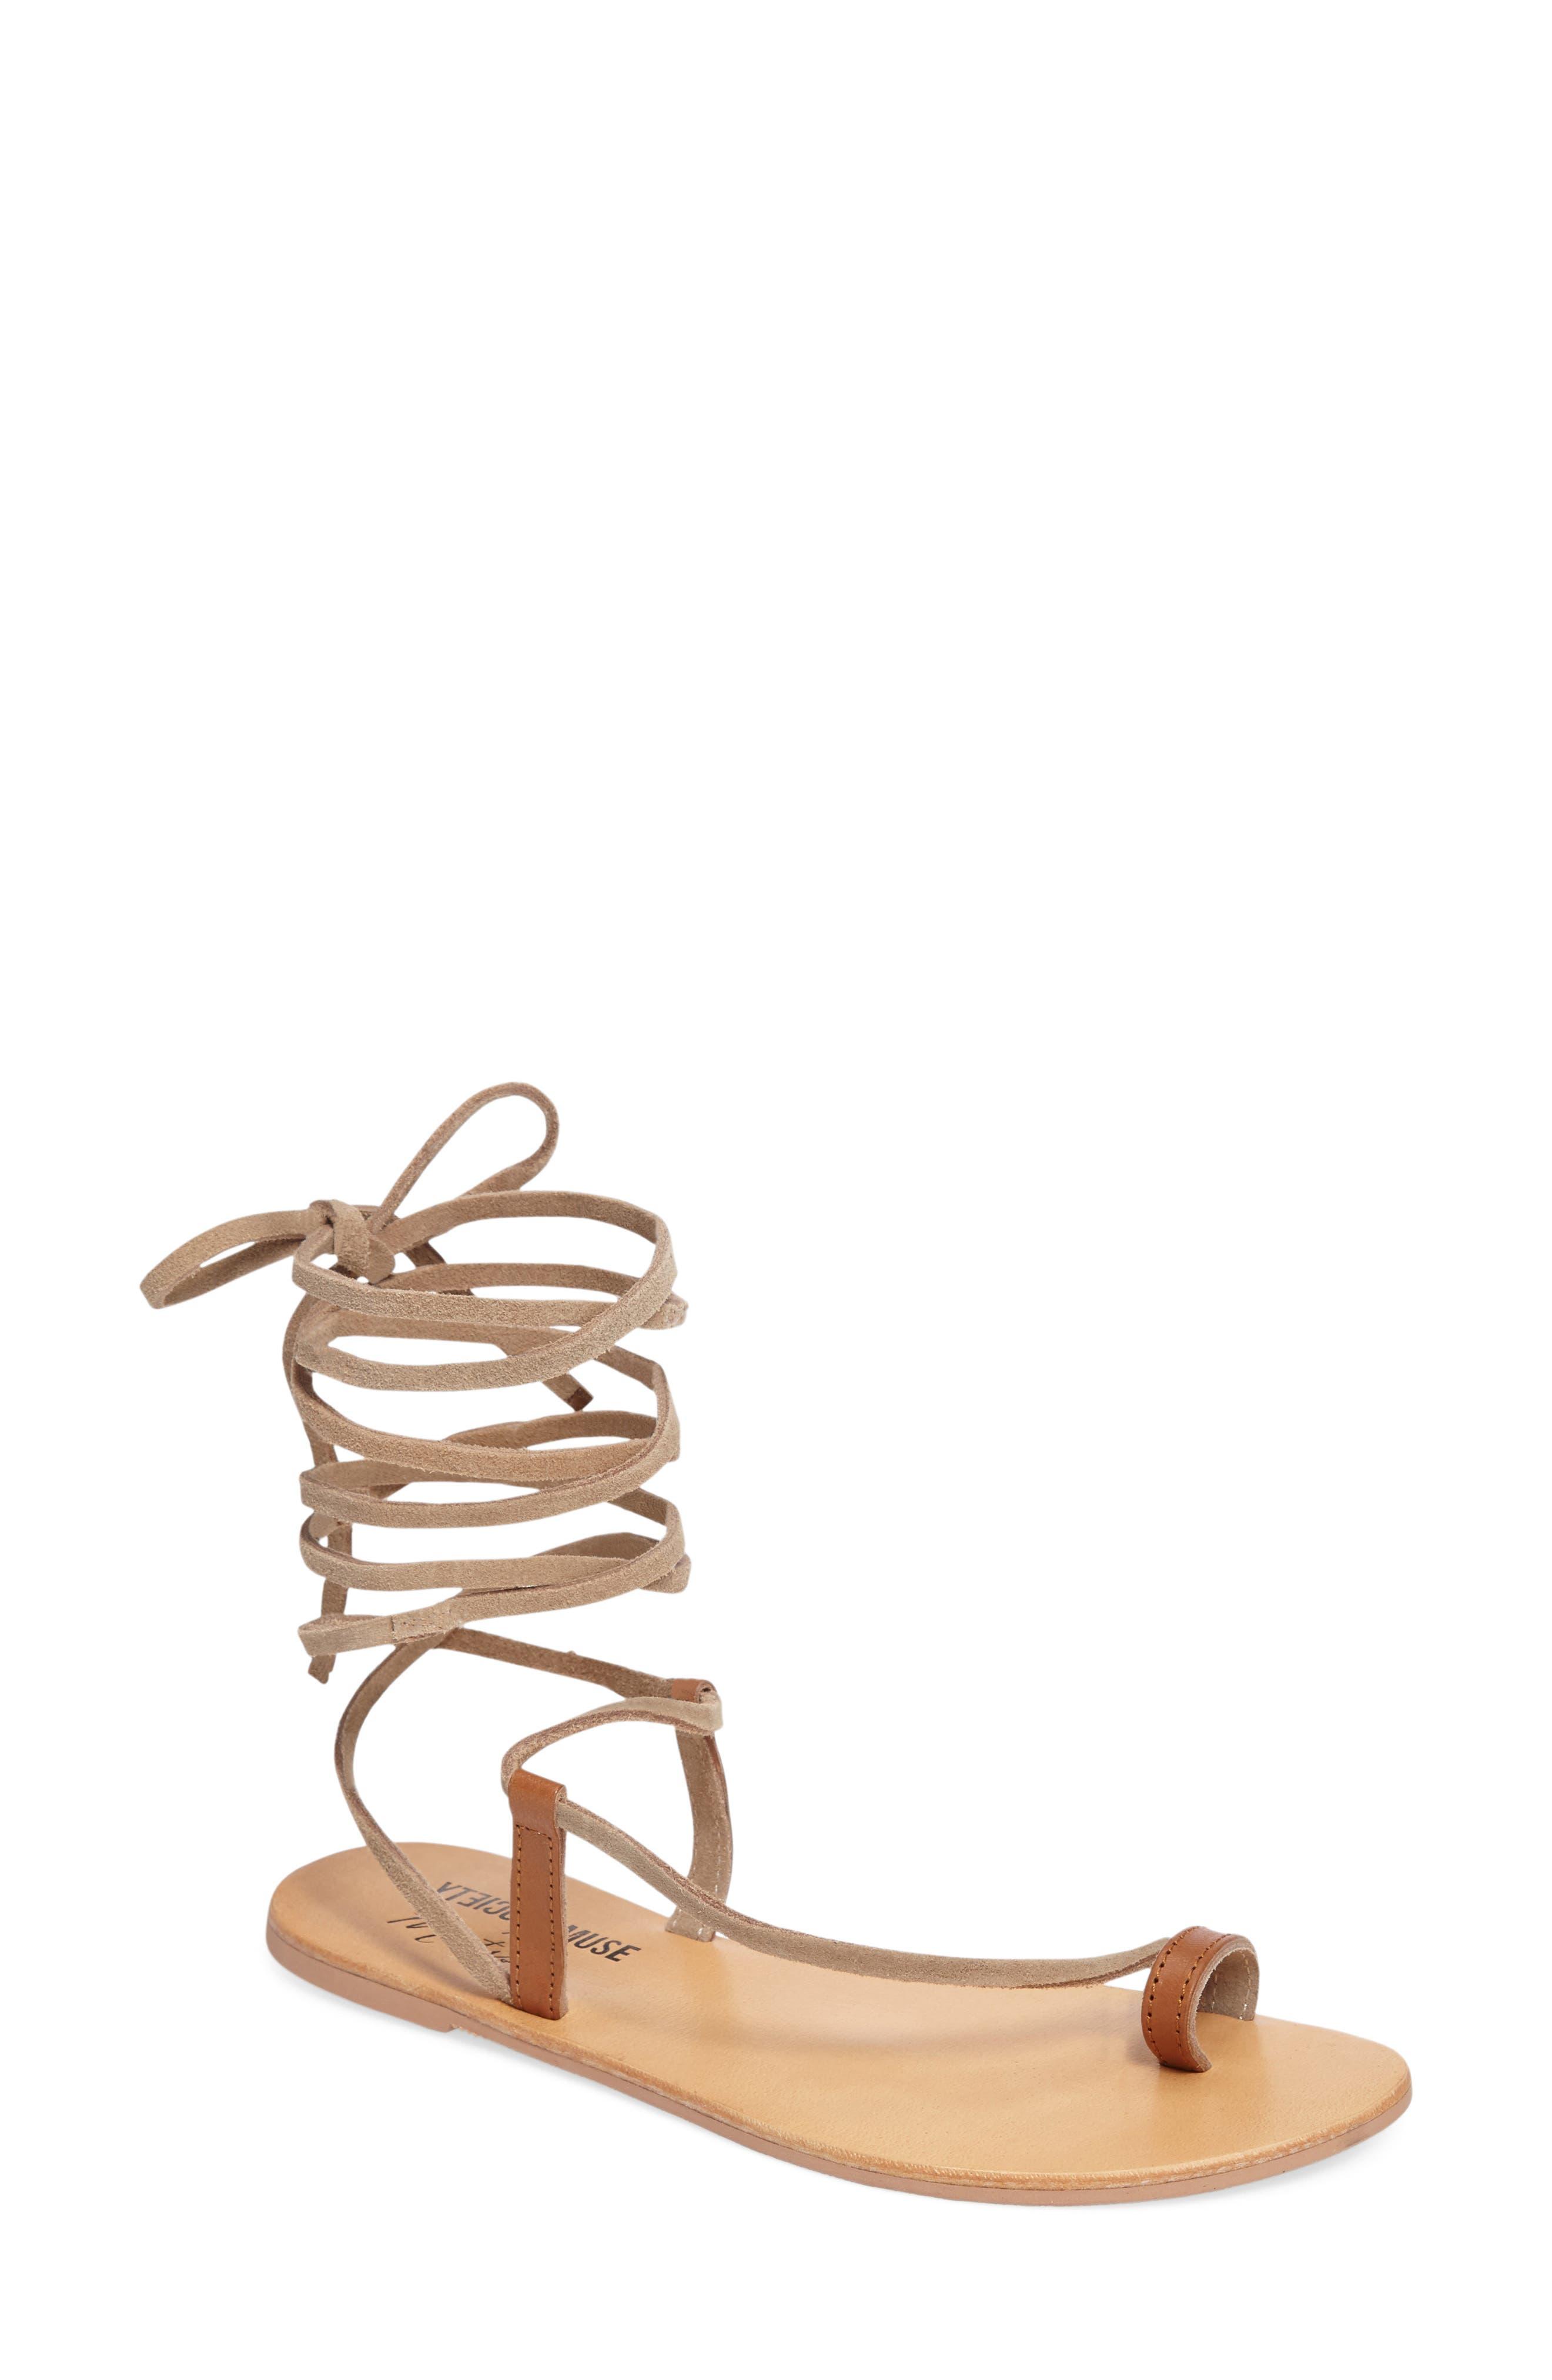 Alternate Image 1 Selected - Amuse Society x Matisse Getaway Wraparound Sandal (Women)